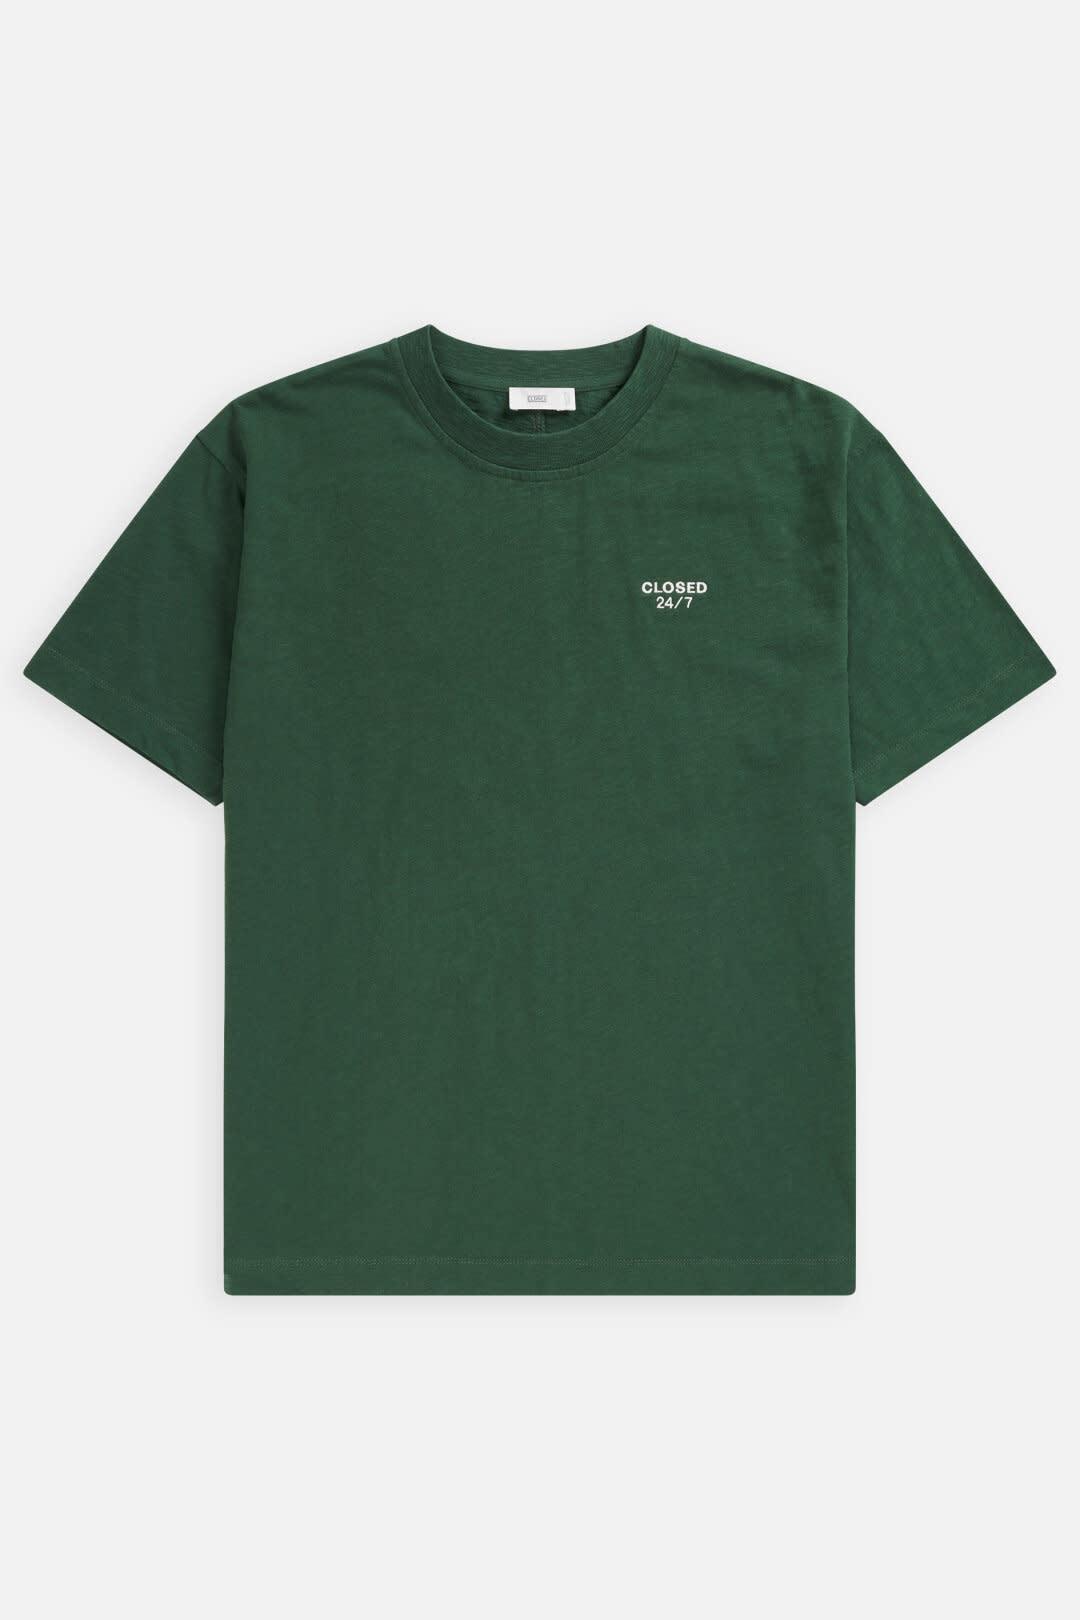 t shirt fir green-2